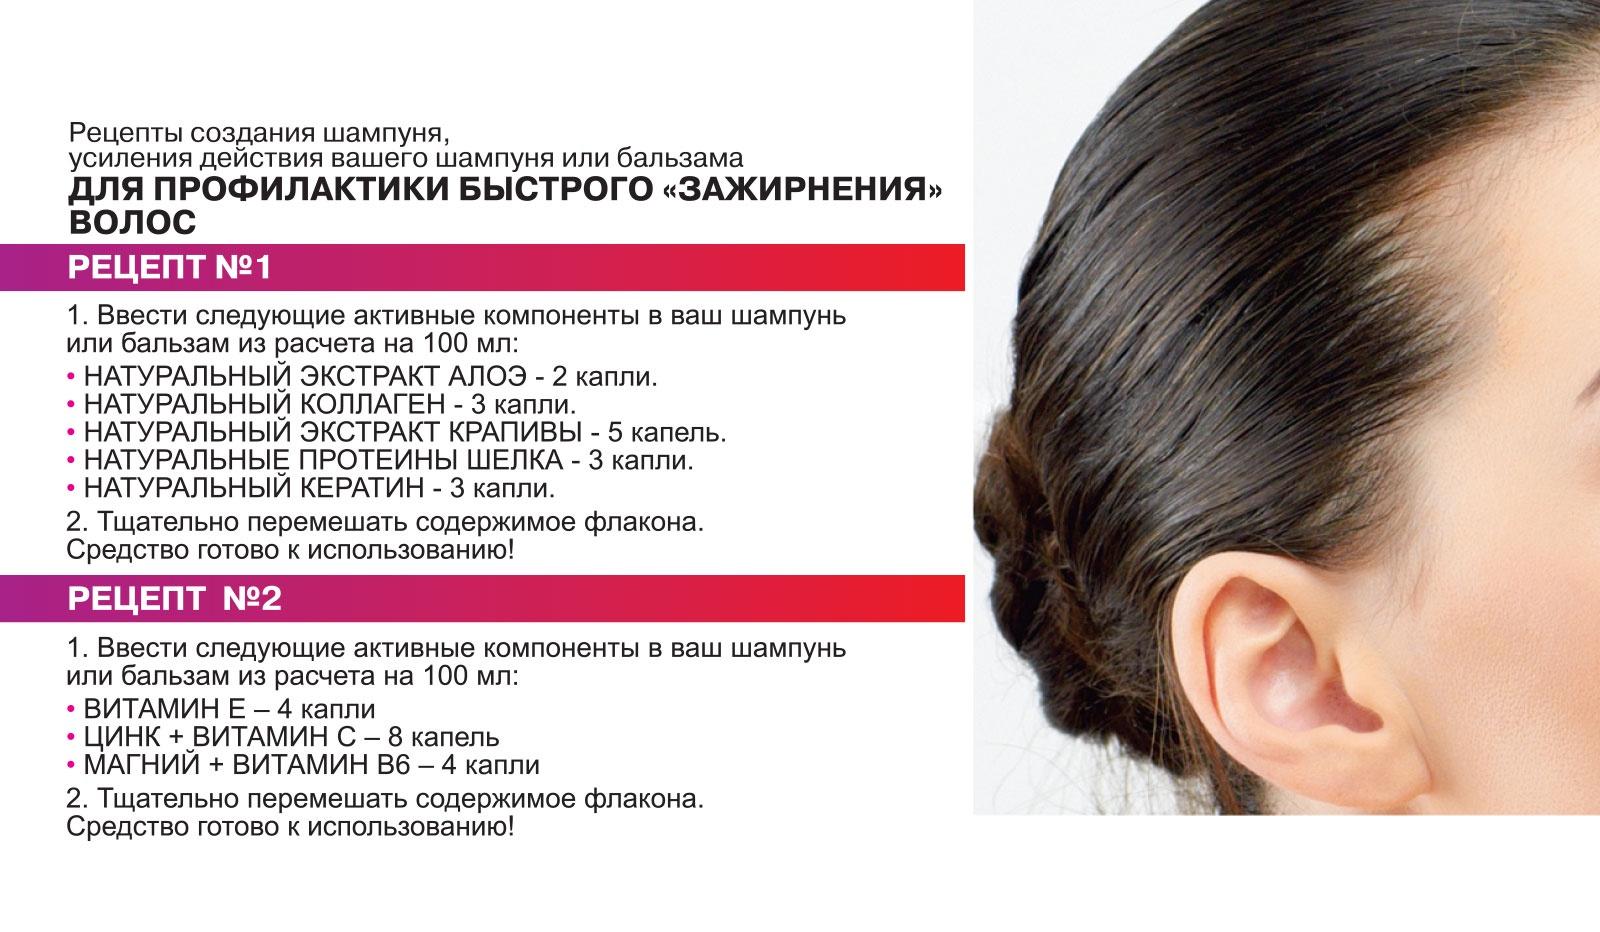 Натуральный Экстракт Крапивы, серии Линия HandMade  5 ml ЛИНИЯ HANDMADE